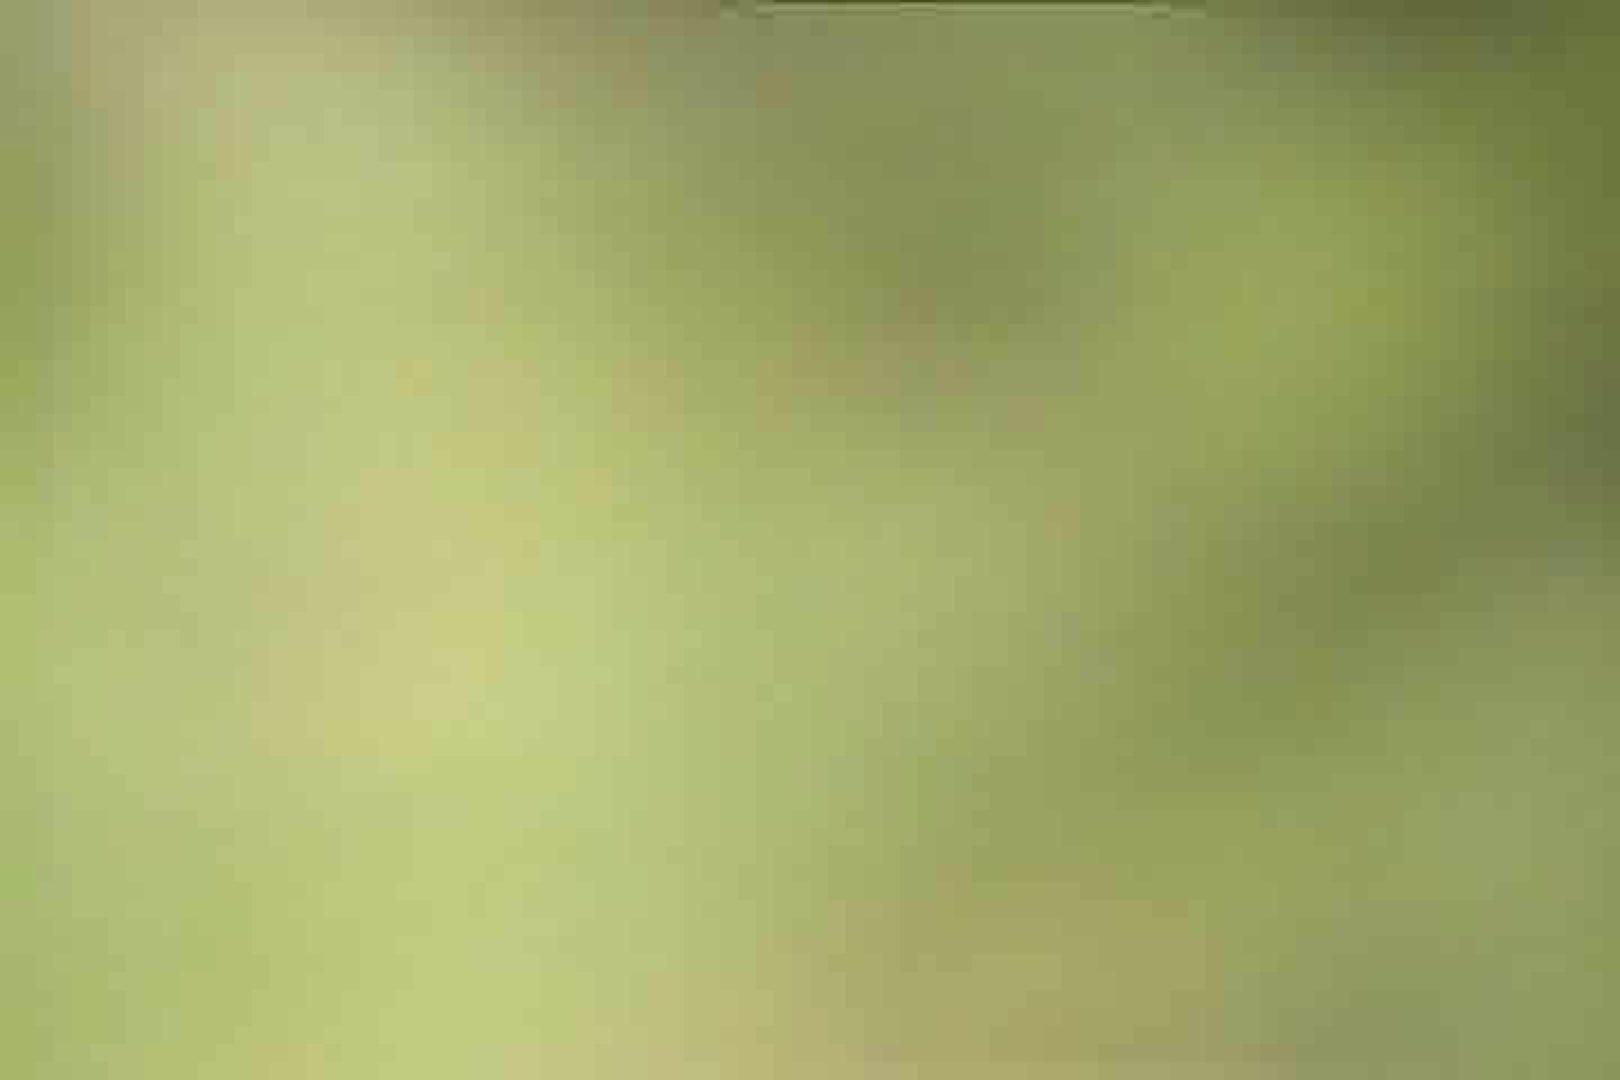 鉄人レース!!トライアスロンに挑む女性達!!Vol.4 貧乳 オマンコ無修正動画無料 56画像 23